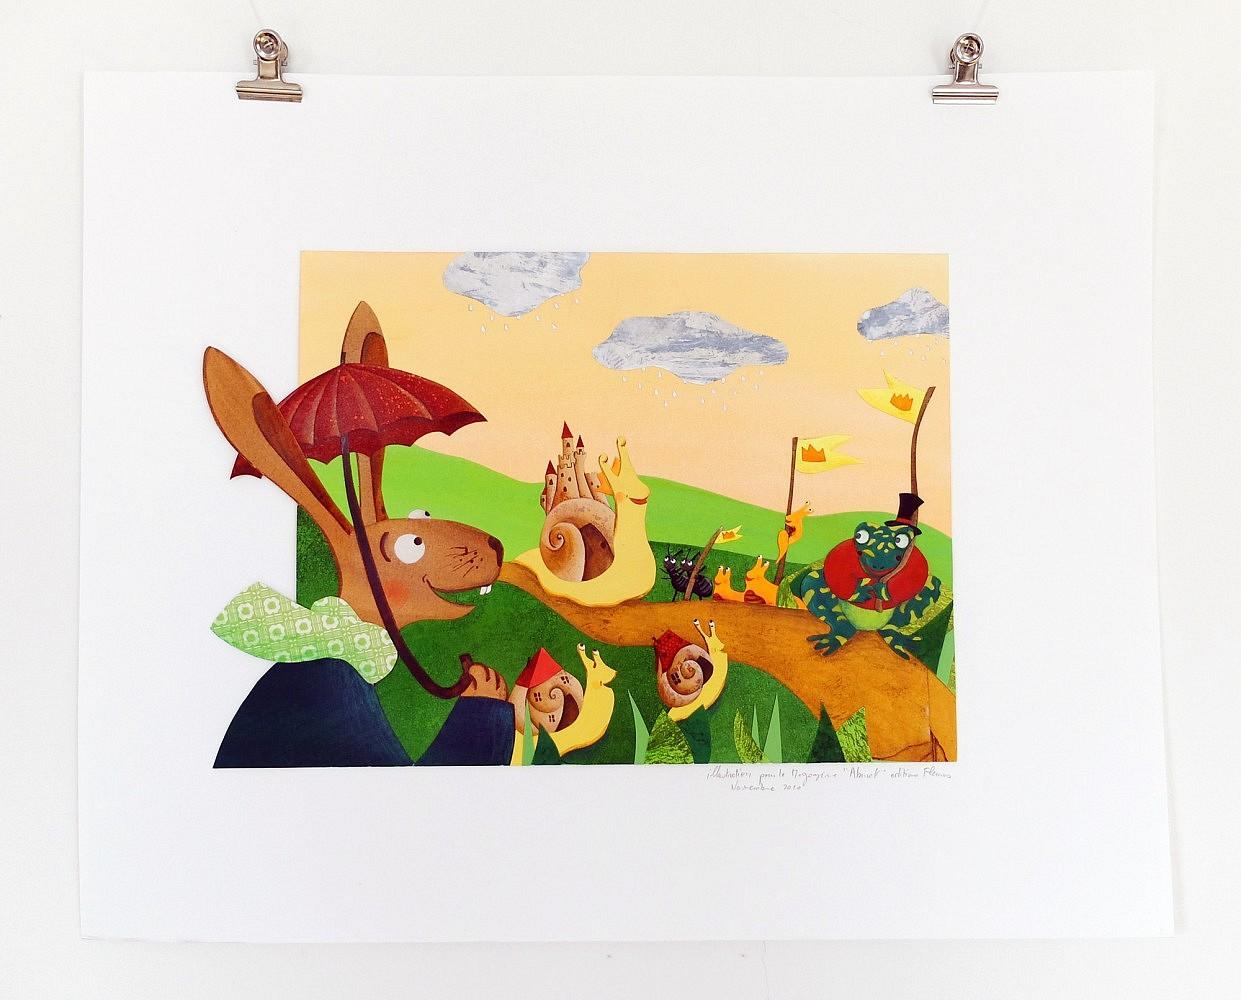 ref-I-001-2010-r   ref-I-001-2010,<br/>Illustration originale - Format 50 x 40 cm<br/> Prix de vente 110€ + 15€ de frais d'expédition